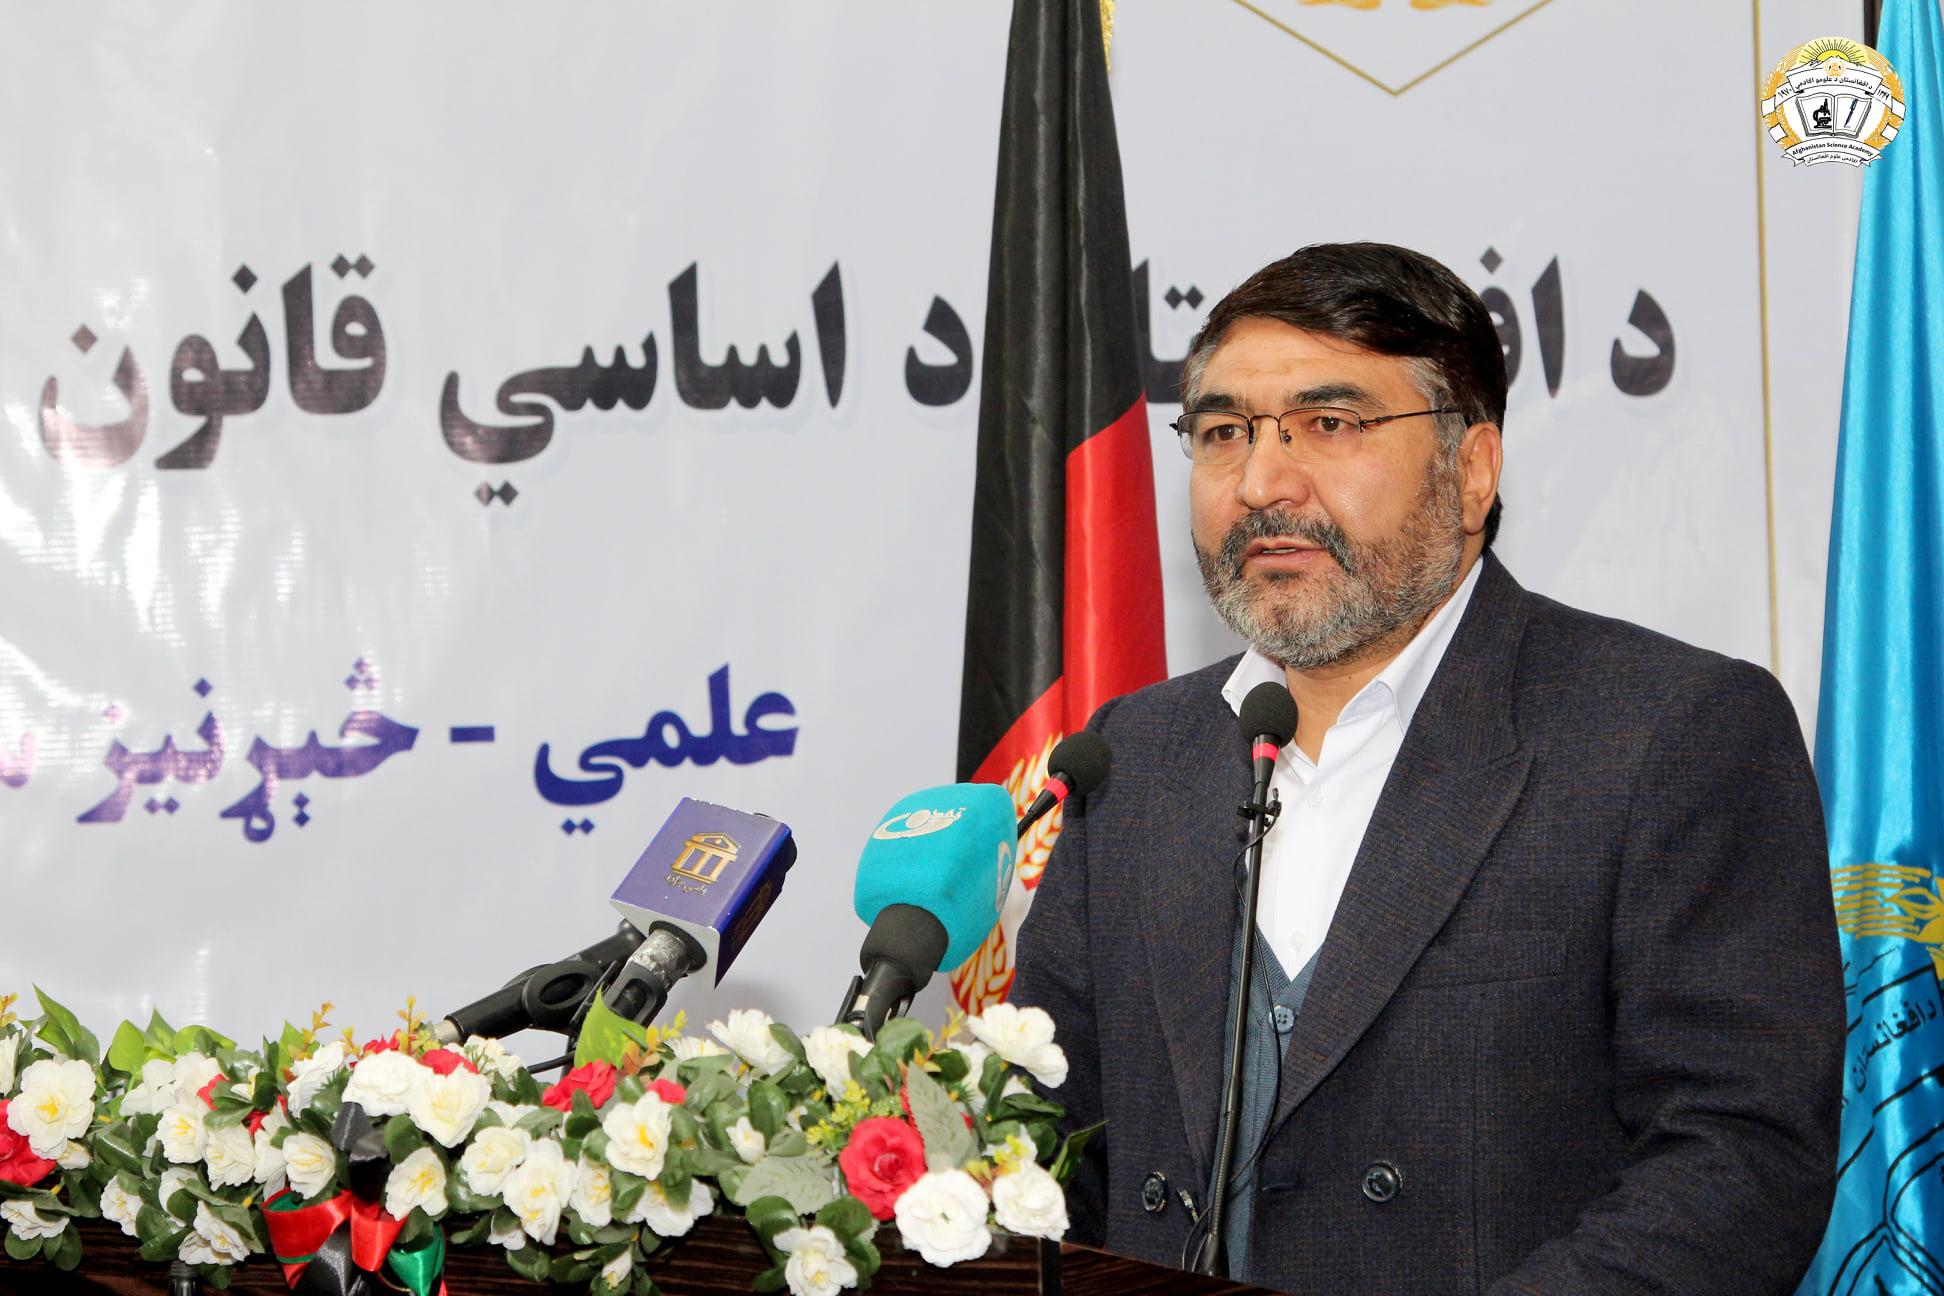 ارزش ها و ویژگی های قانون اساسی افغانستان